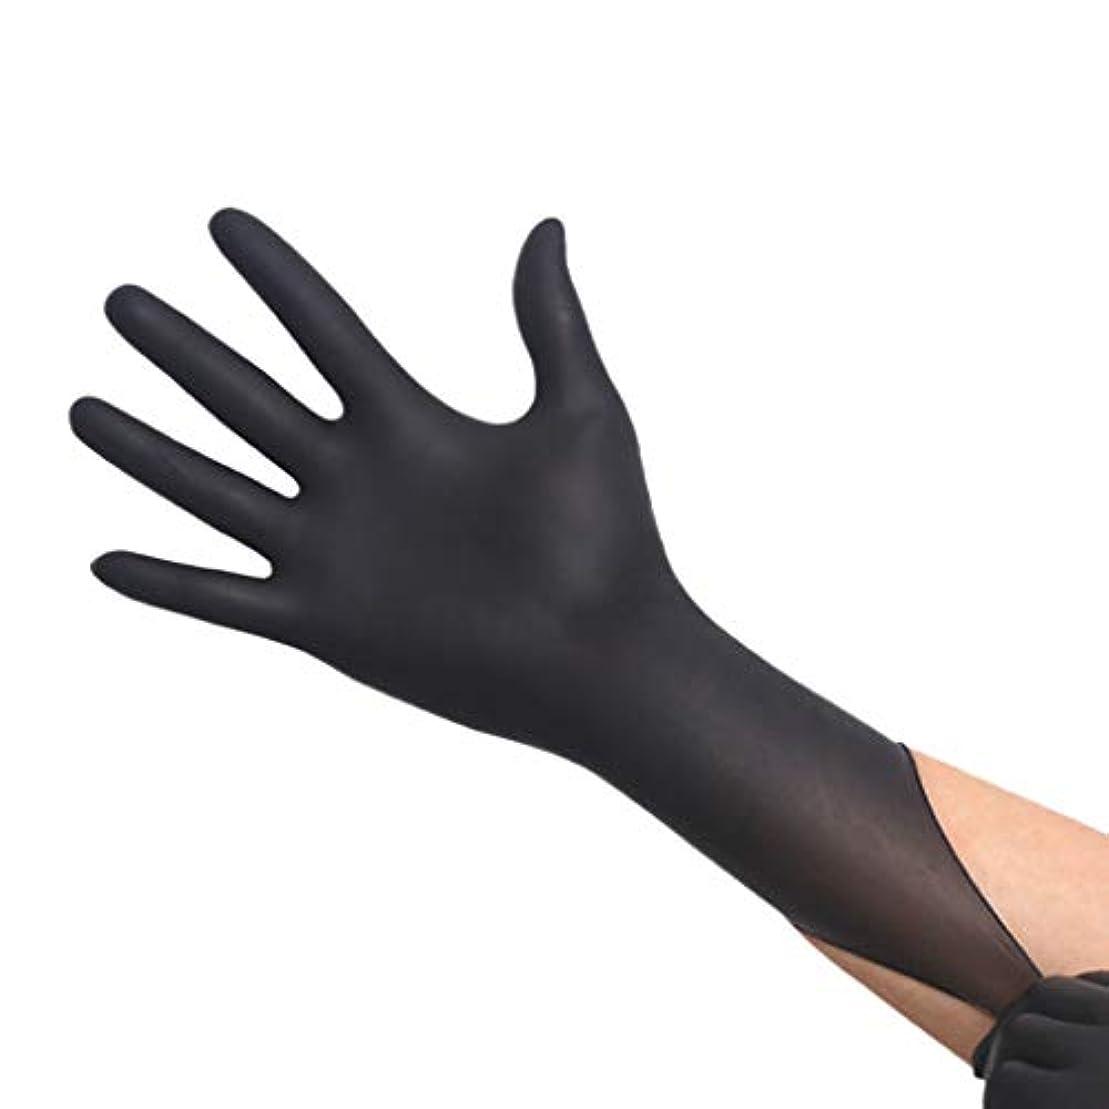 疑い者休日に混沌厚手の耐摩耗性使い捨てブラックニトリル手袋 - 耐酸性美容サロン手袋、50ペア/箱 YANW (色 : ブラック, サイズ さいず : L l)